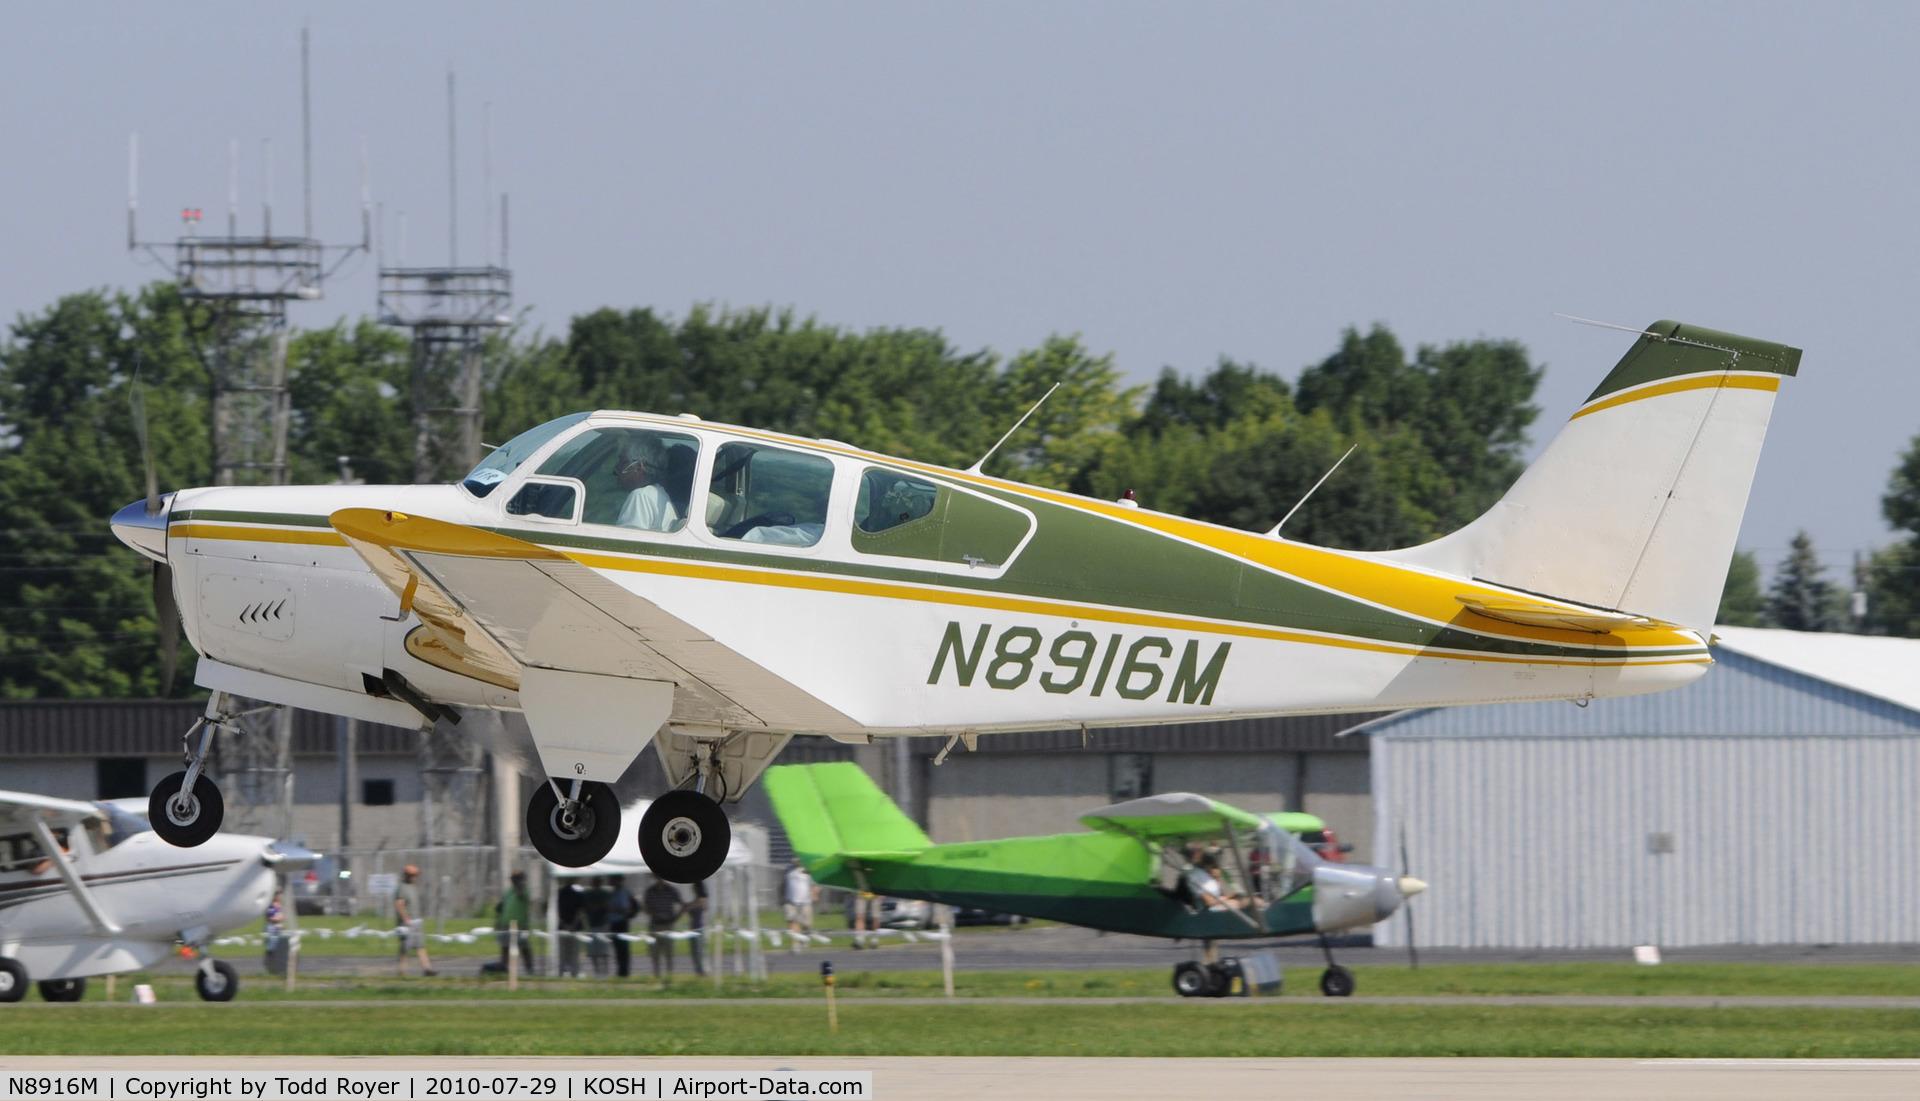 N8916M, 1964 Beech 35-B33 Debonair C/N CD-735, EAA AIRVENTURE 2010